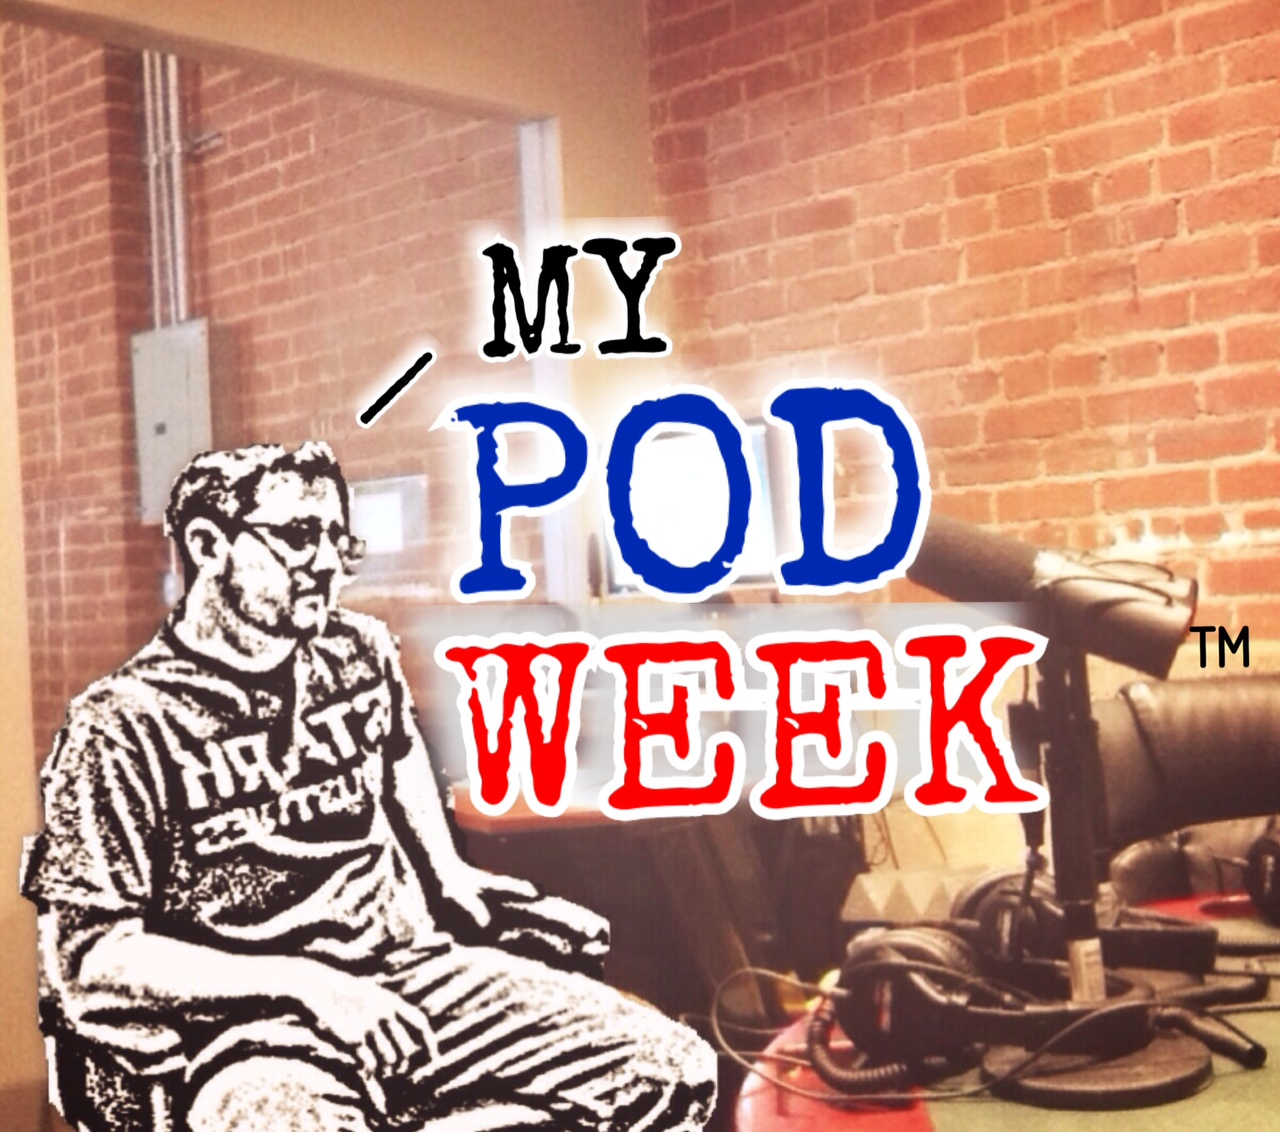 My Pod Week: Week ending 8/31/14